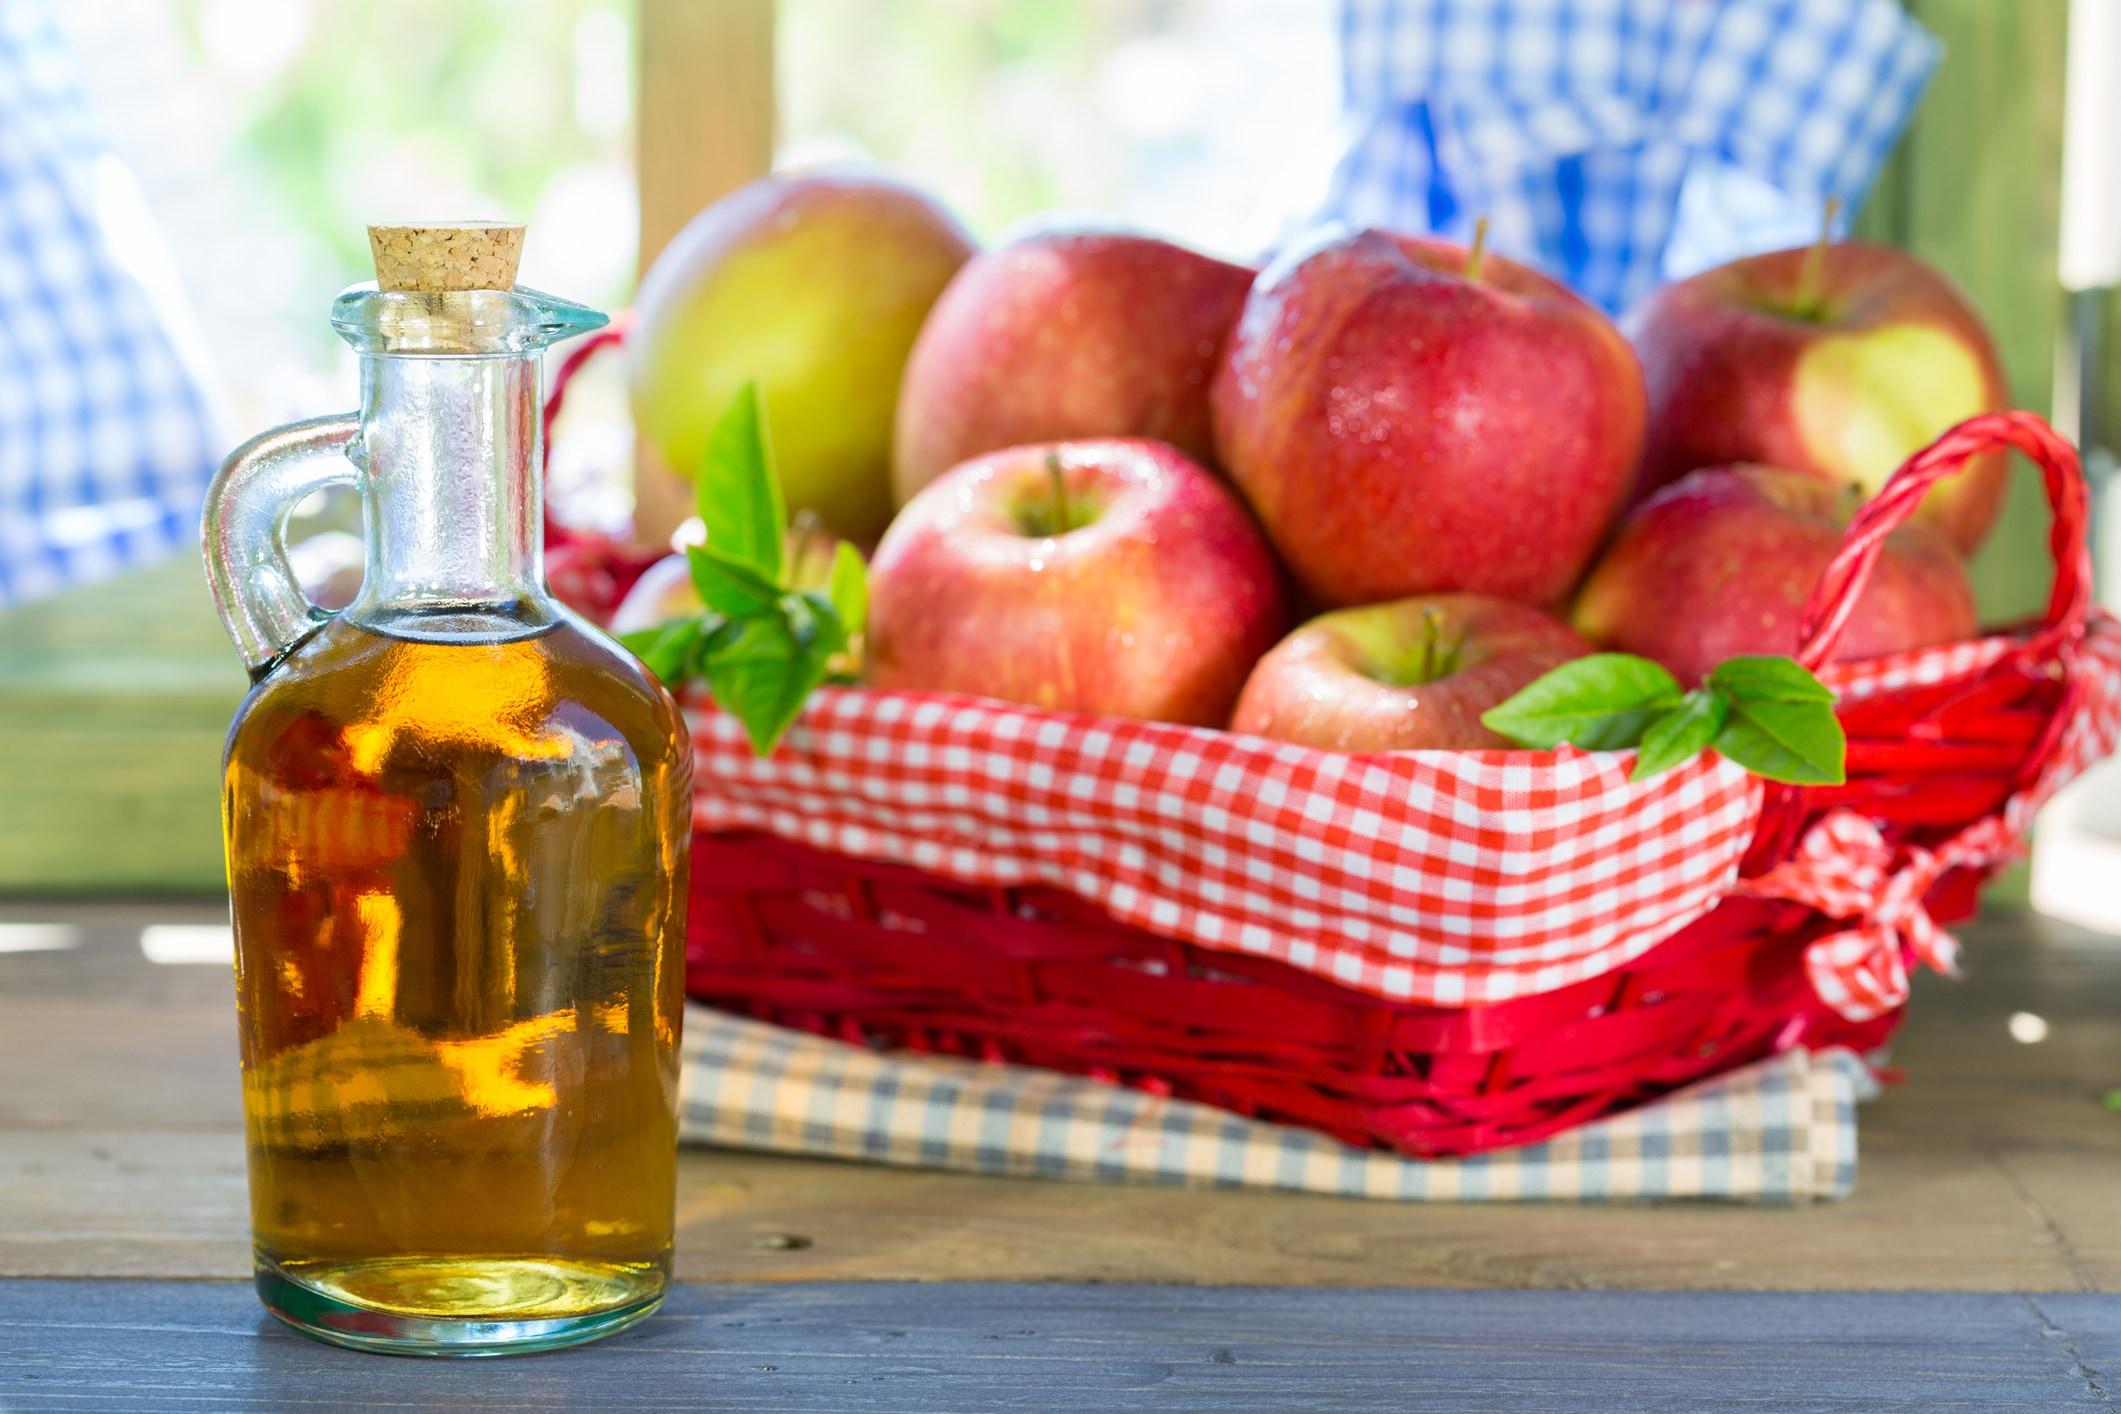 Az almaecet jótékony hatása • Mire jó az almaecet?